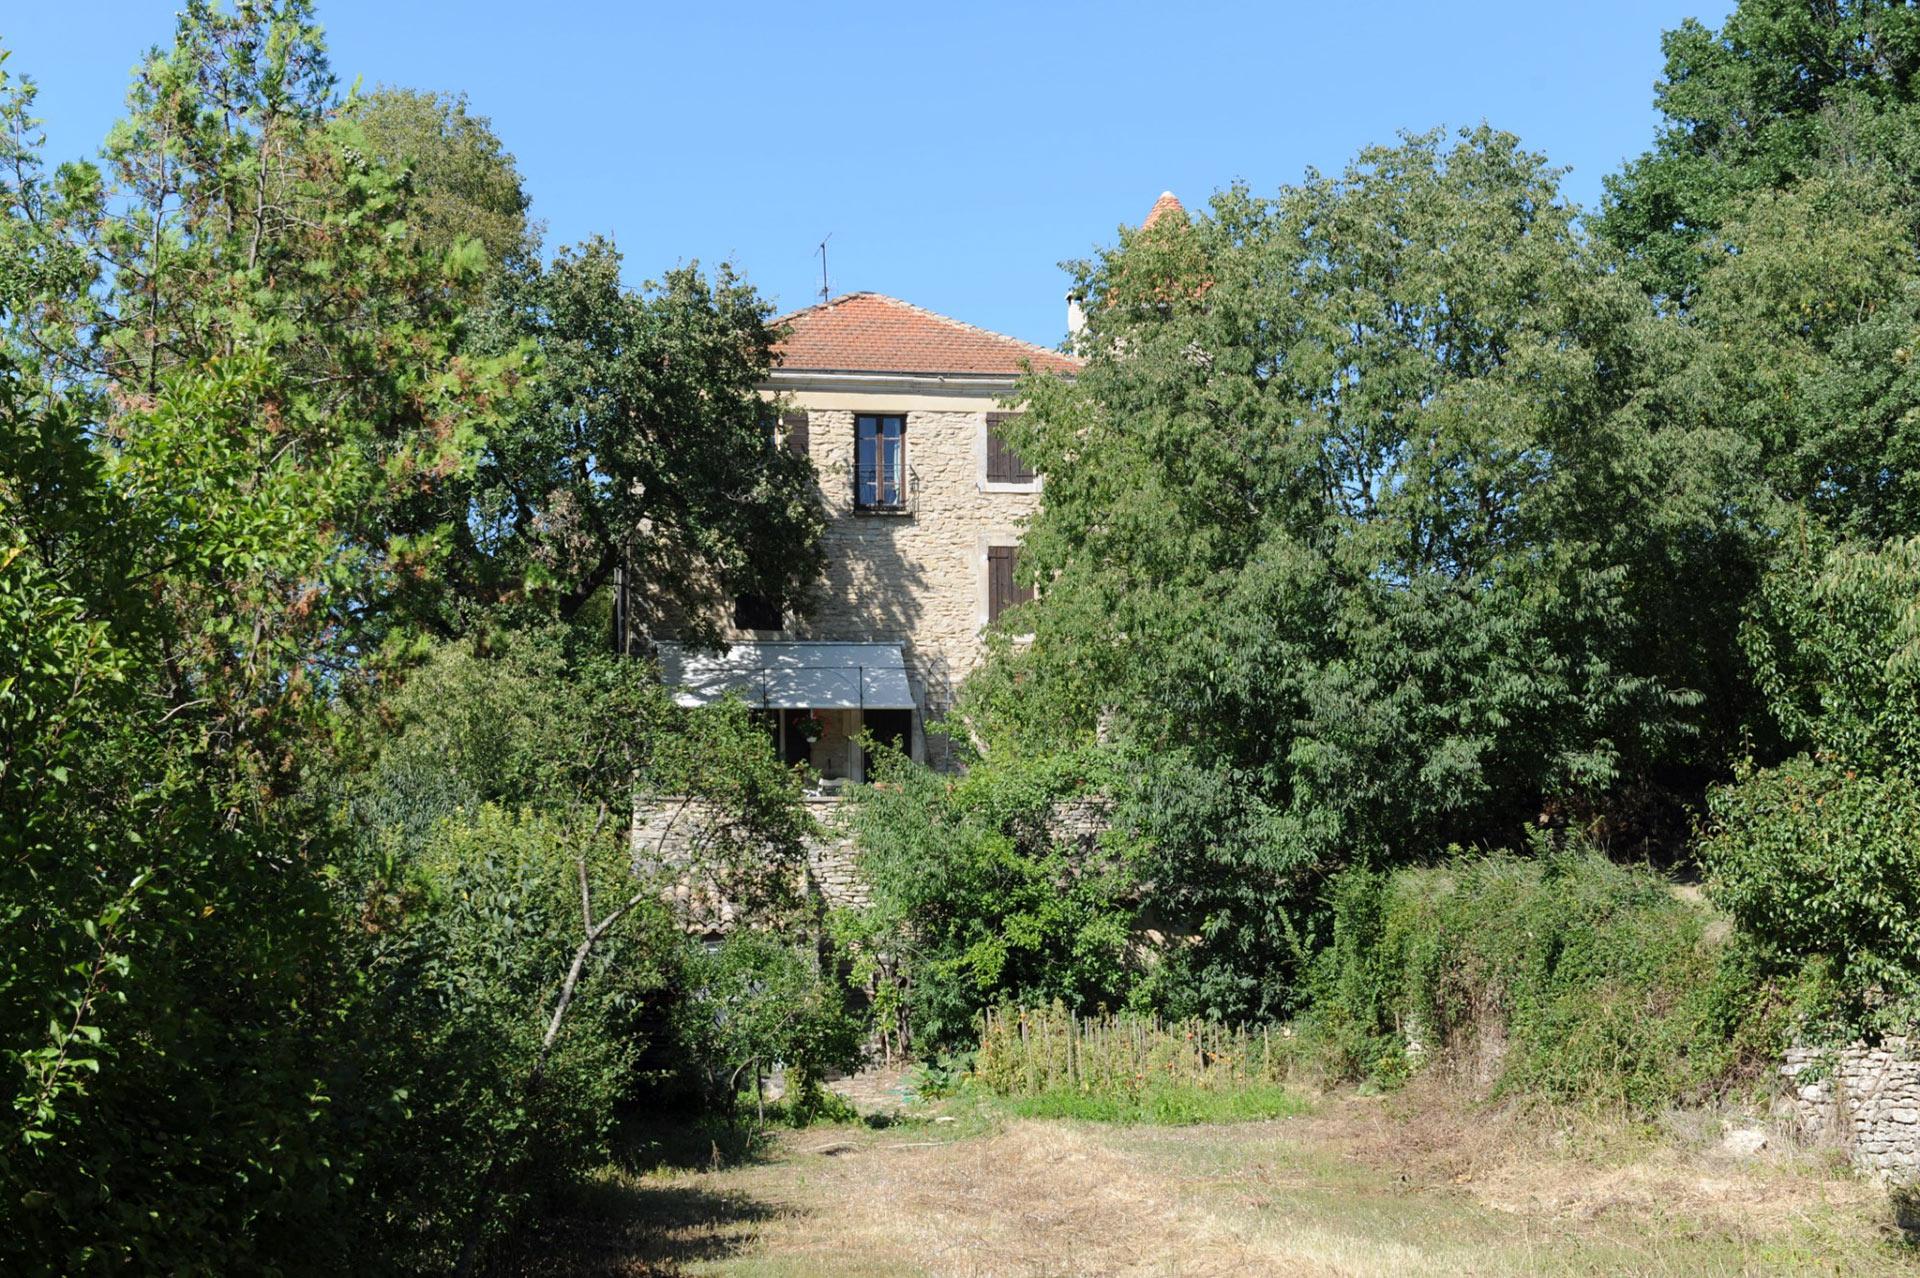 En Luberon, à vendre, ferme ancienne fortifiée à restaurer sur 3,5 hectares, avec piscine